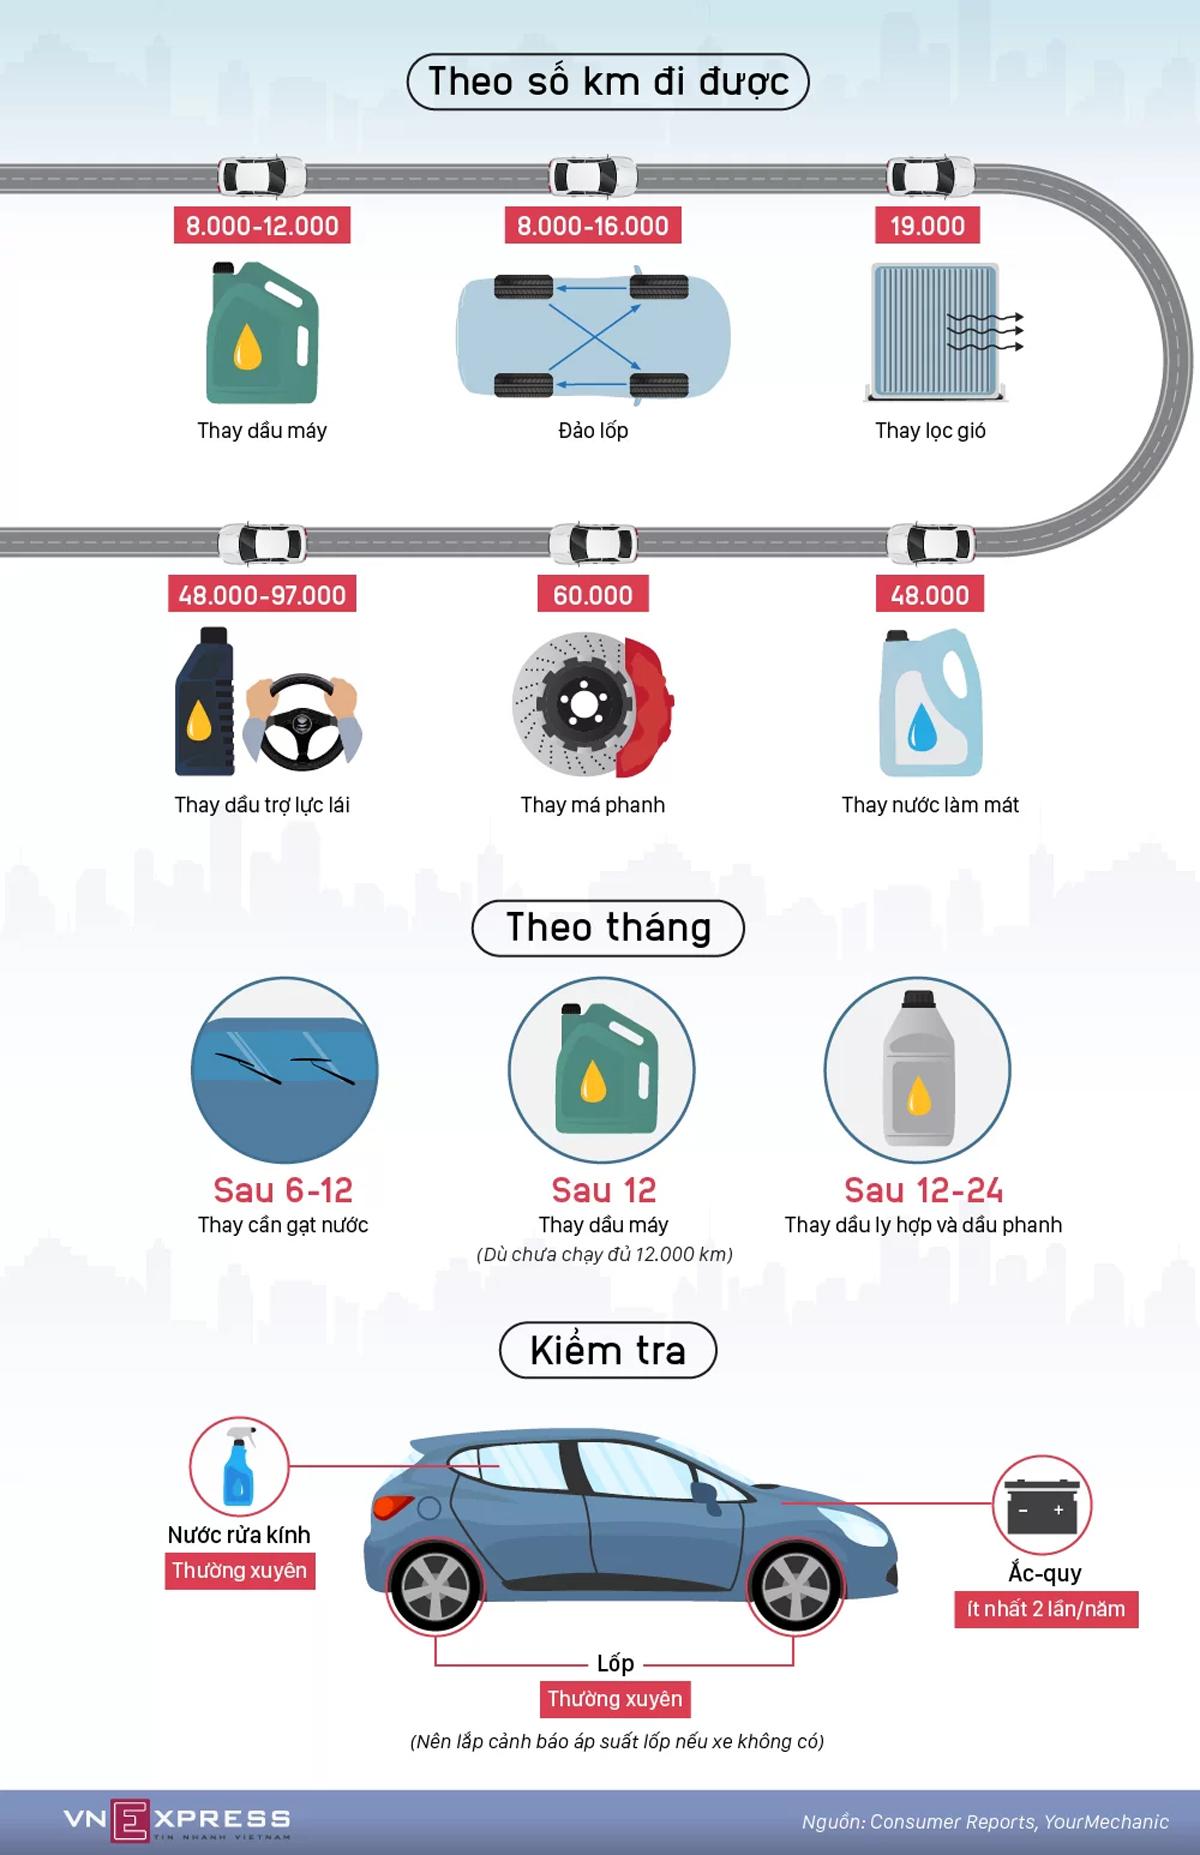 các mốc bảo dưỡng, bảo dưỡng xe, chăm sóc xe, thay dầu xe